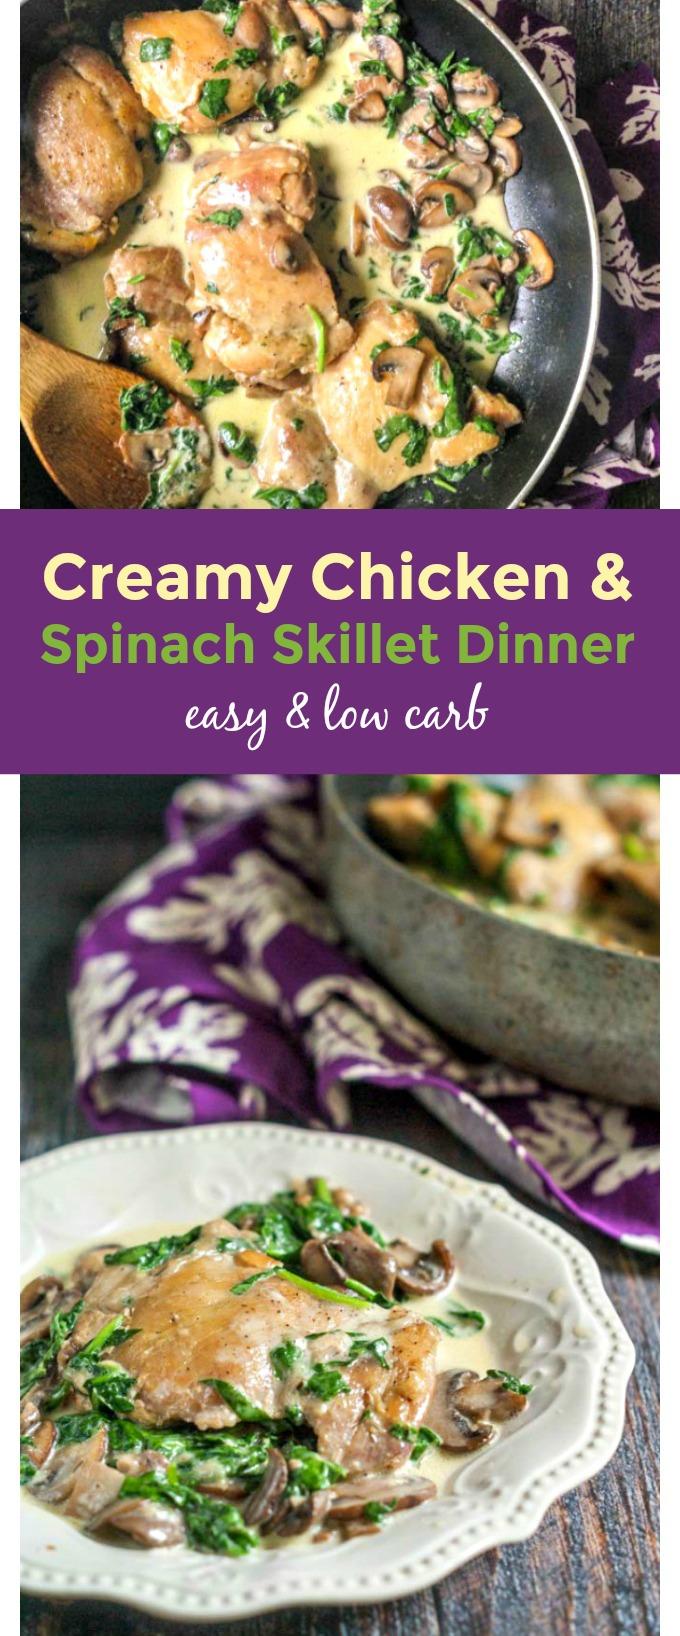 creamy chicken skillet dinner with spinach